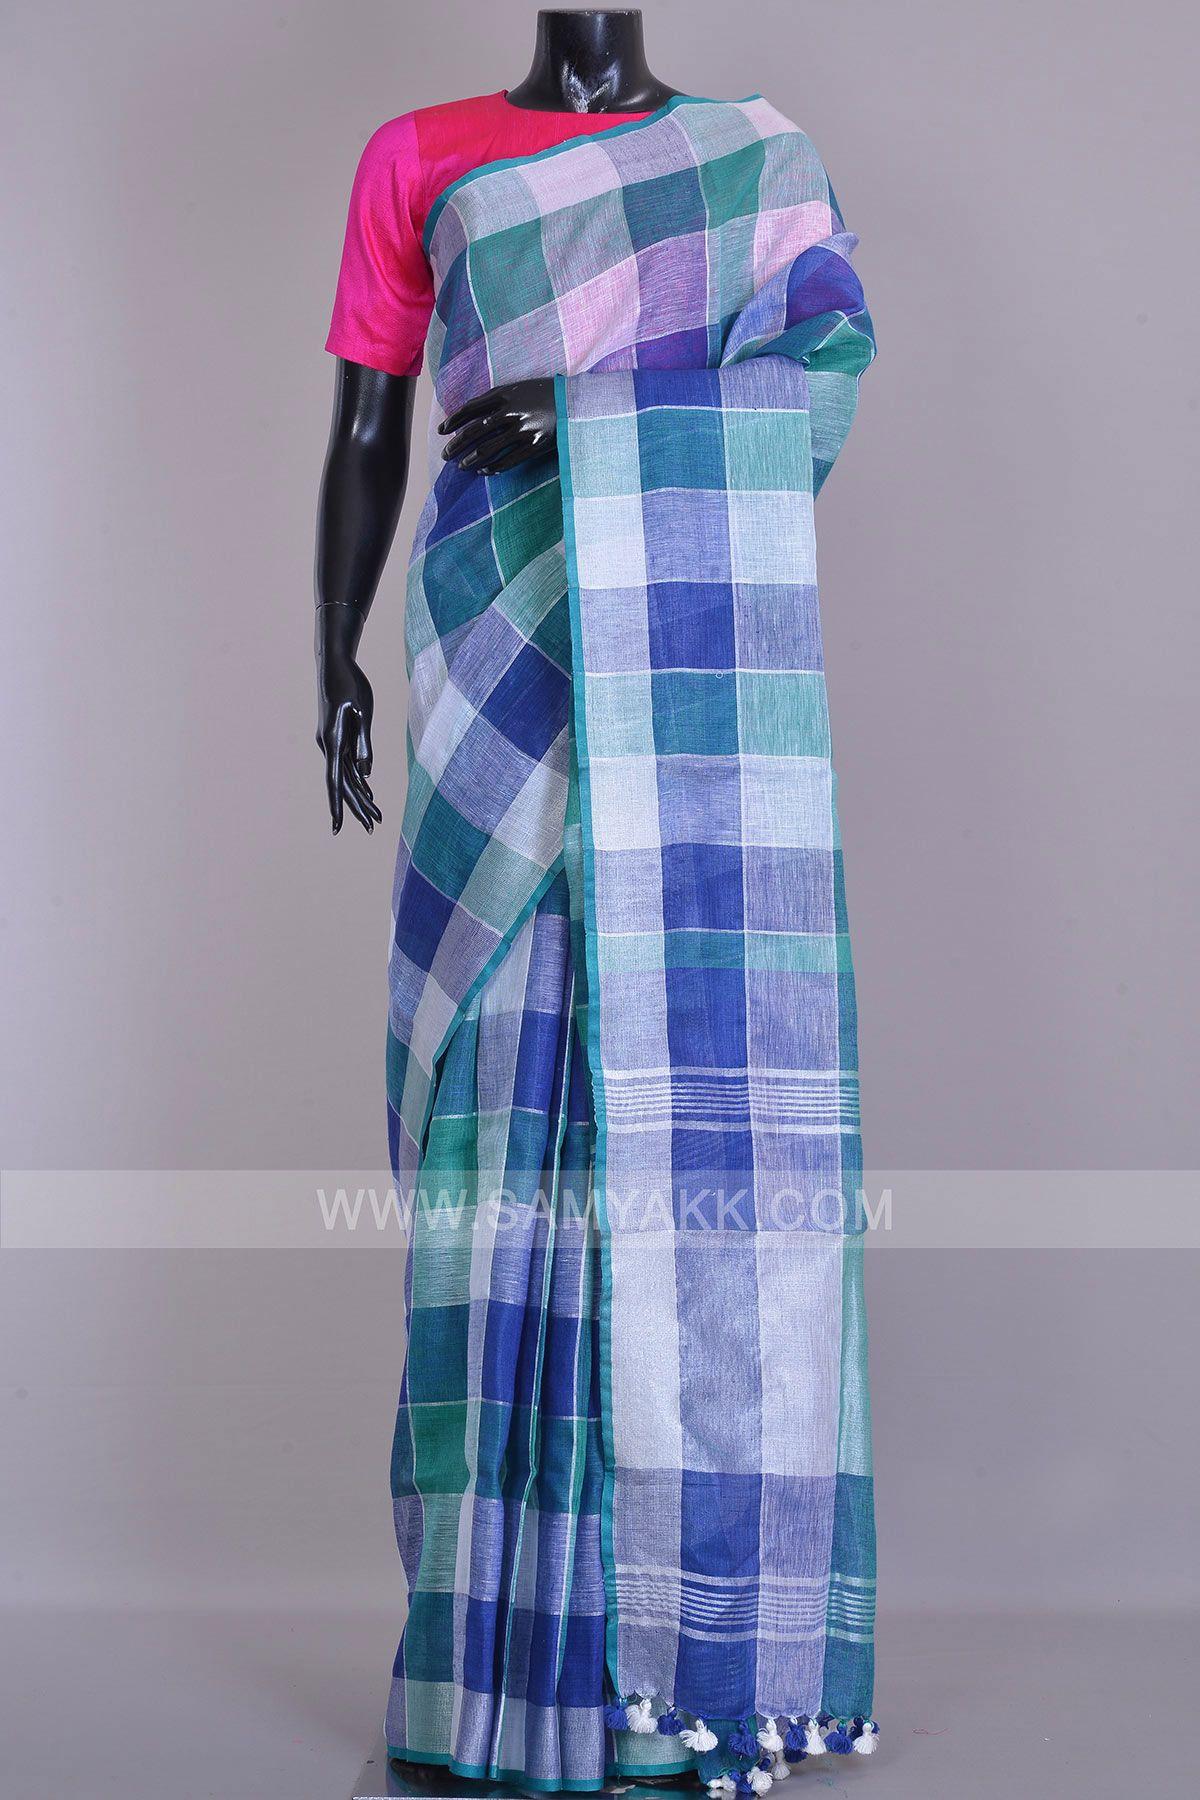 Pin by Samyakk on Cotton Silk Sarees Silk sarees, Cotton